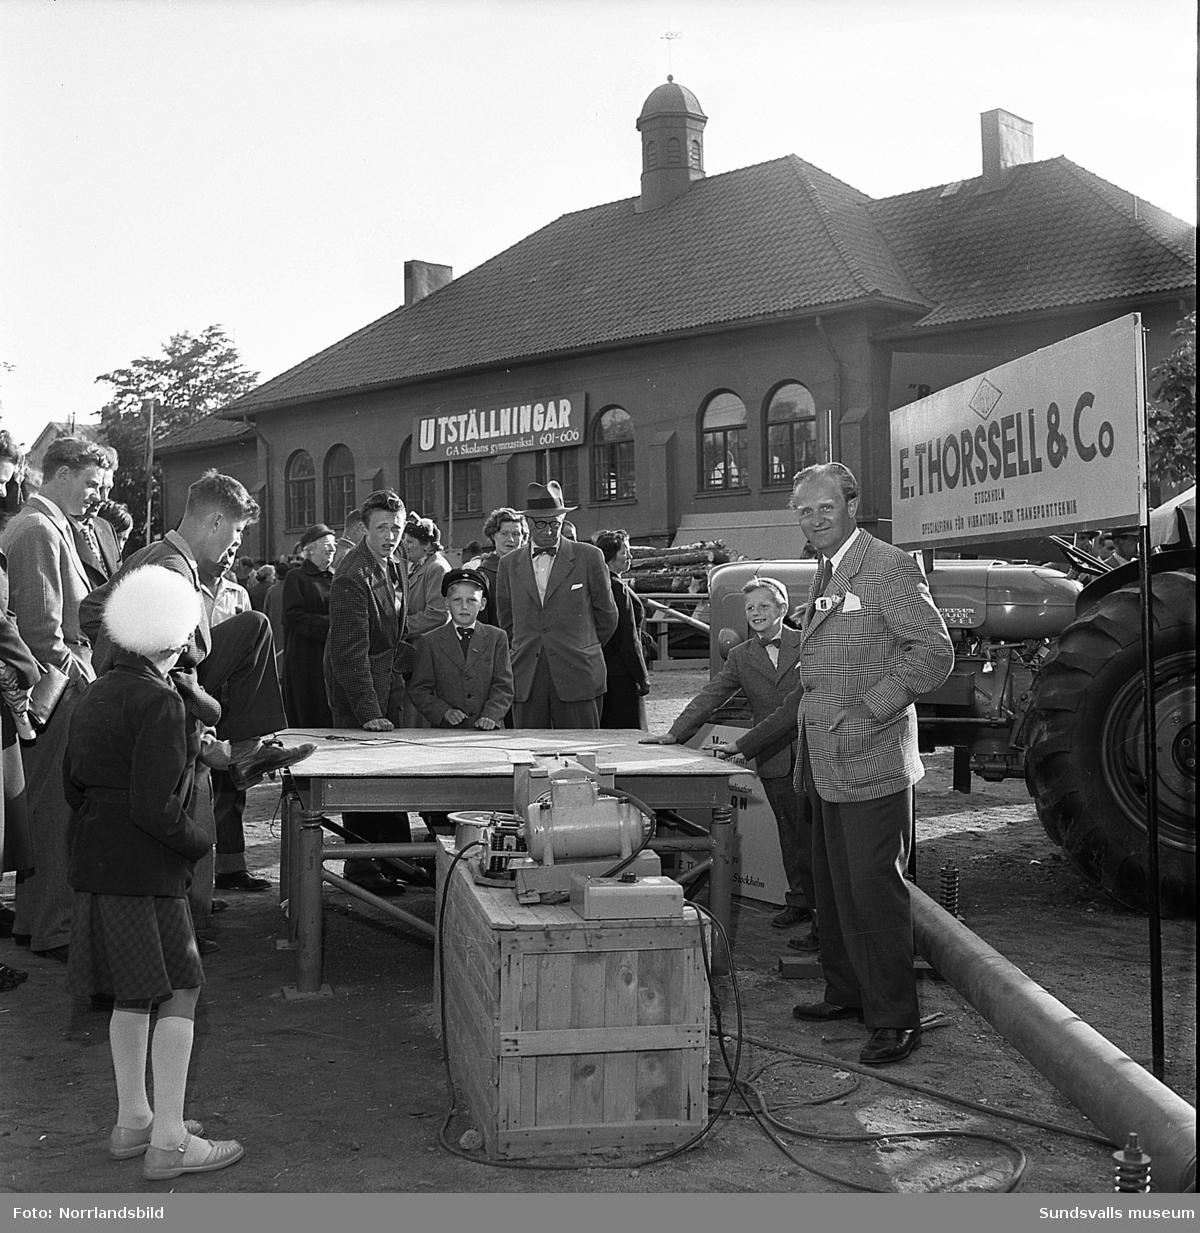 Sundsvallsmässan 1954, i en monter vid GA-skolan visar E. Thorsell & Co traktorer och maskiner. Fotograferat för Bydalens mekaniska.